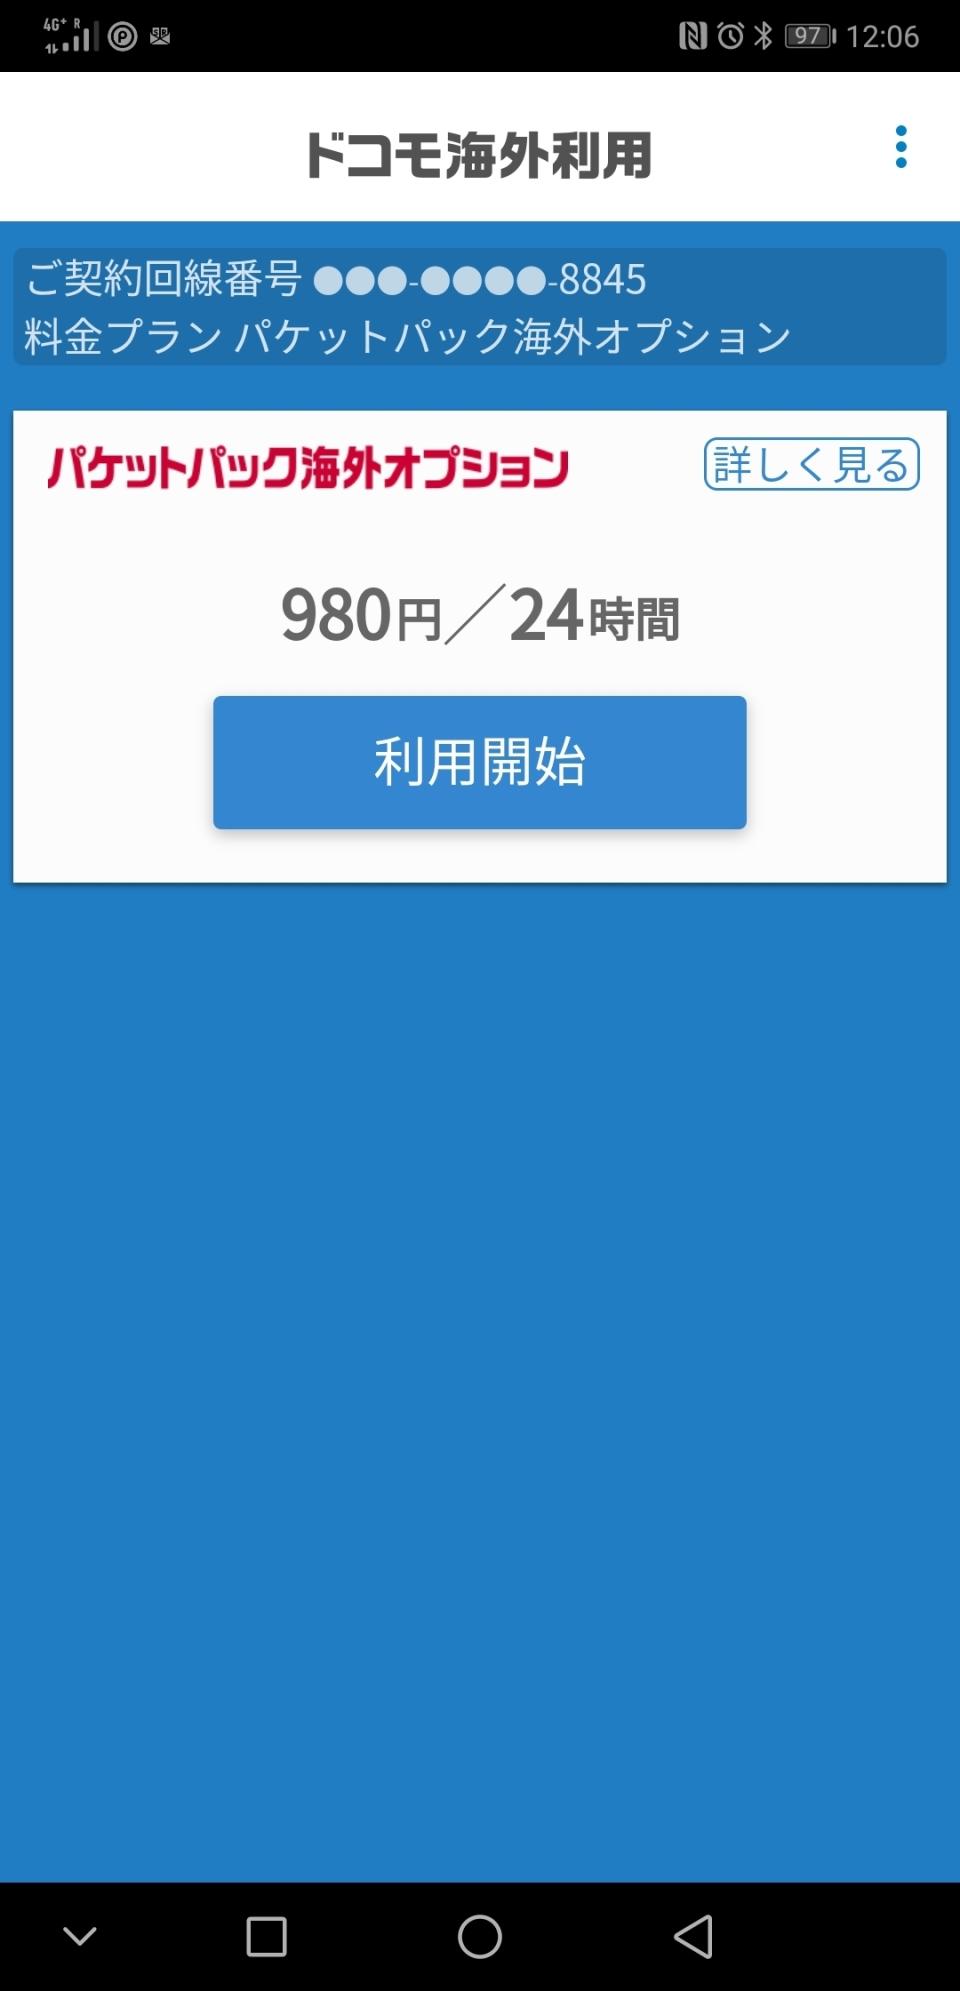 石野純也のモバイル活用術:中国で試した国際ローミングの新常識 4番目の画像